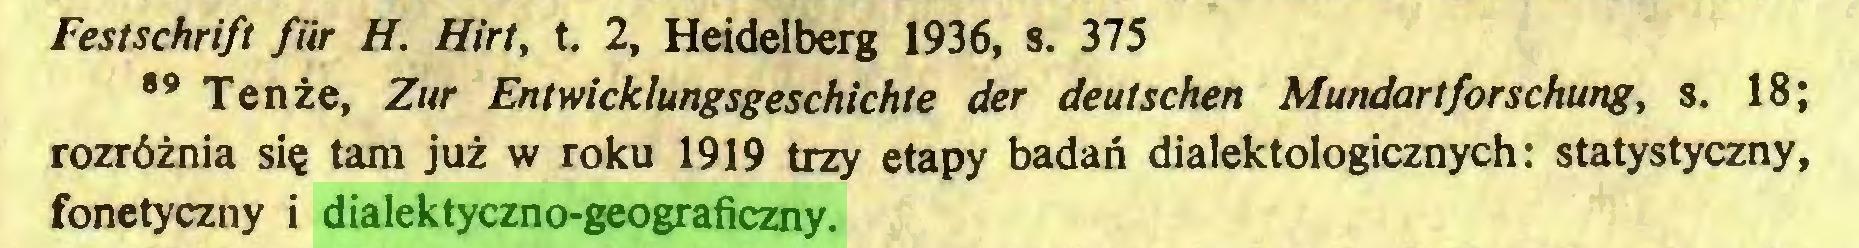 (...) Festschrift fur H. Hirt, t. 2, Heidelberg 1936, s. 375 89 Tenże, Zur Entwicklungsgeschichte der deutschen Mundartforschung, s. 18; rozróżnia się tam już w roku 1919 trzy etapy badań dialektologicznych: statystyczny, fonetyczny i dialektyczno-geograficzny...